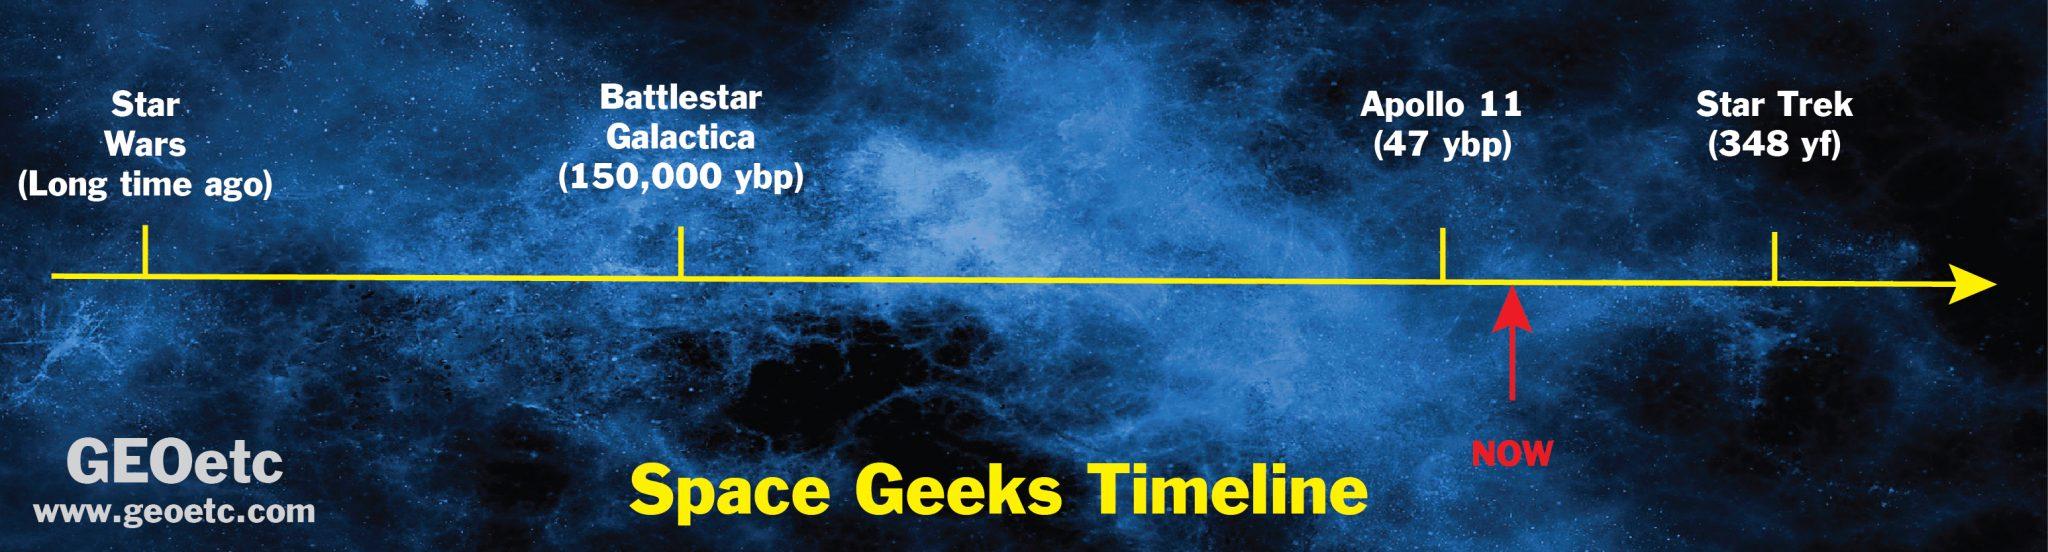 Space Geeks Timeline